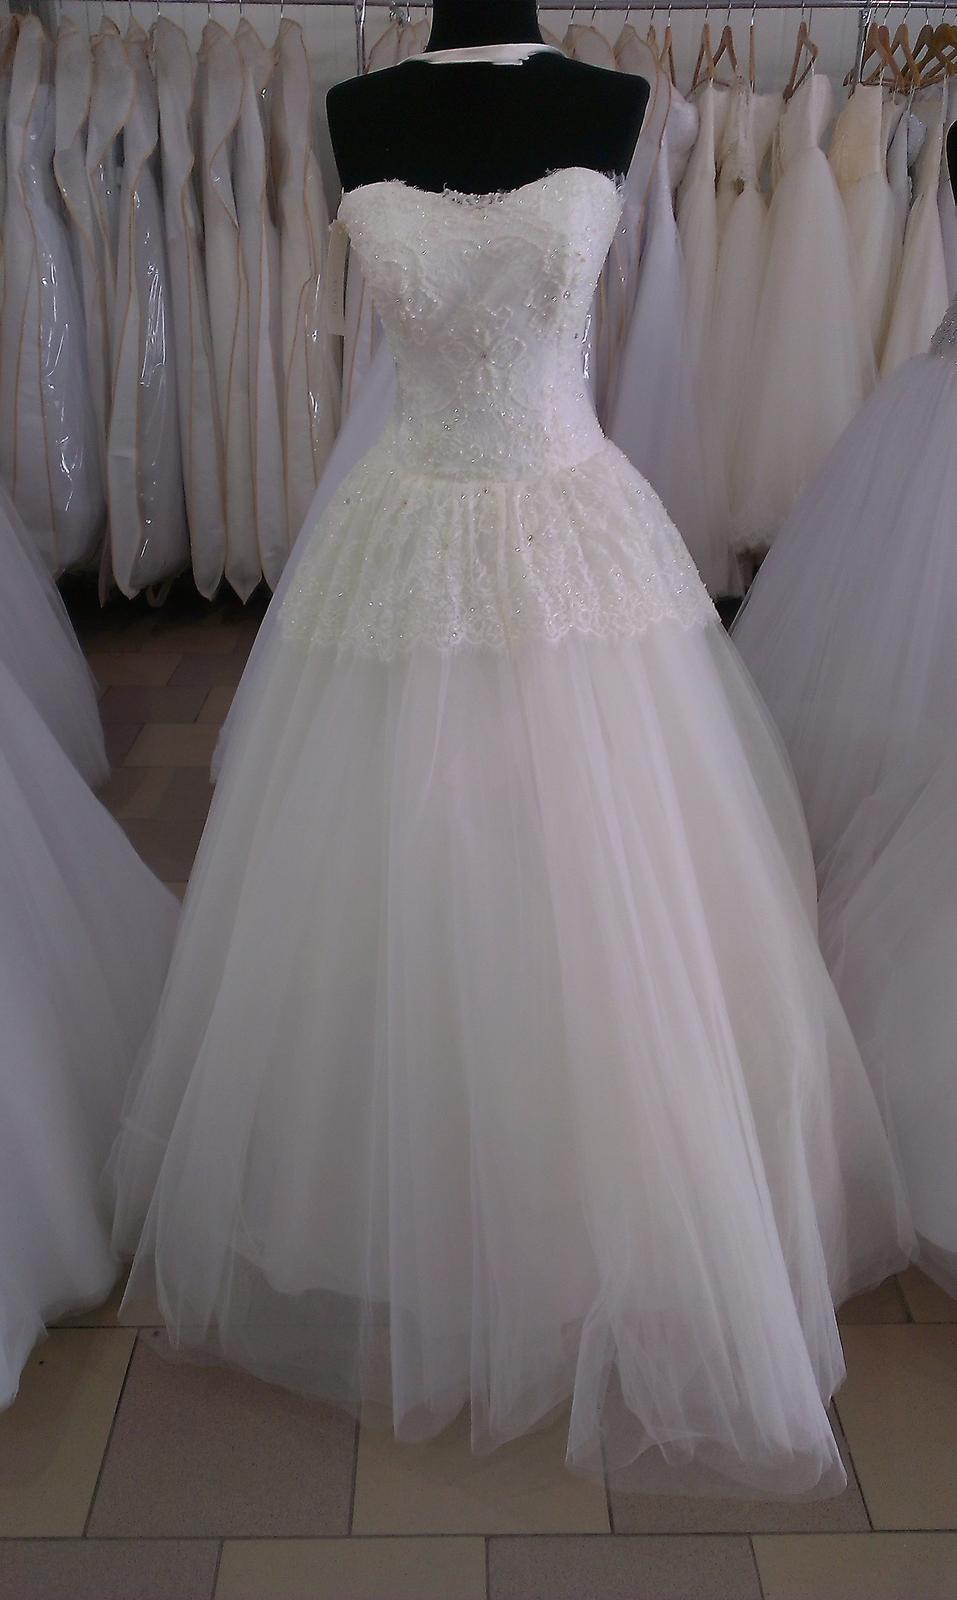 b337fa85a06c Svadobné šaty z Ukrajiny. Máte skúsenosť  - - Sva... - str. 42